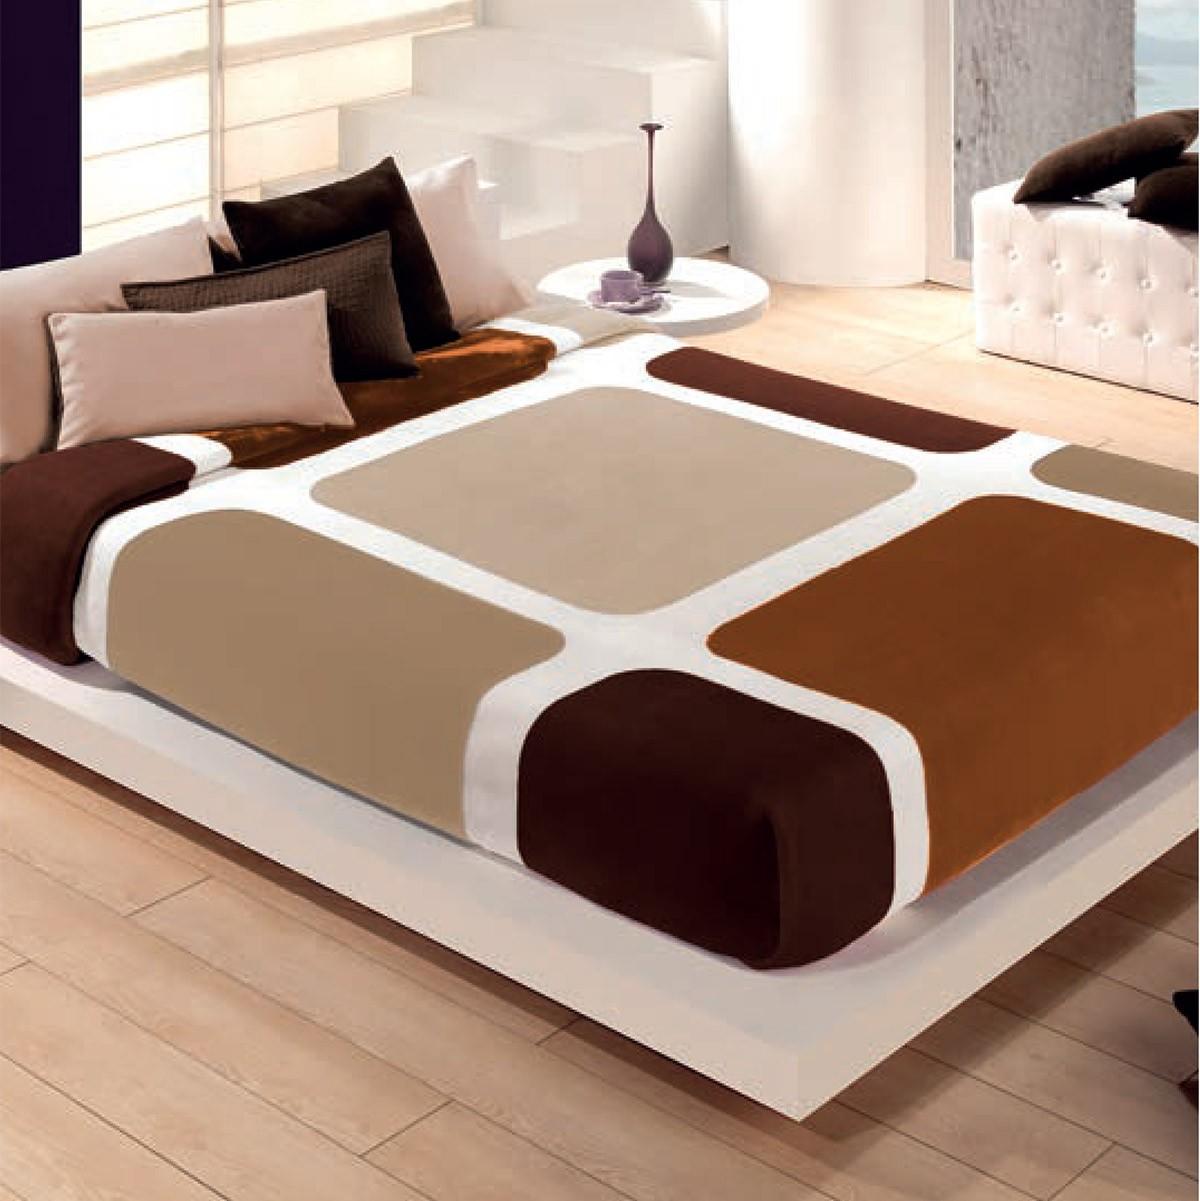 Κουβέρτα Βελουτέ Υπέρδιπλη Manterol Gala 524 C06 home   κρεβατοκάμαρα   κουβέρτες   κουβέρτες βελουτέ υπέρδιπλες